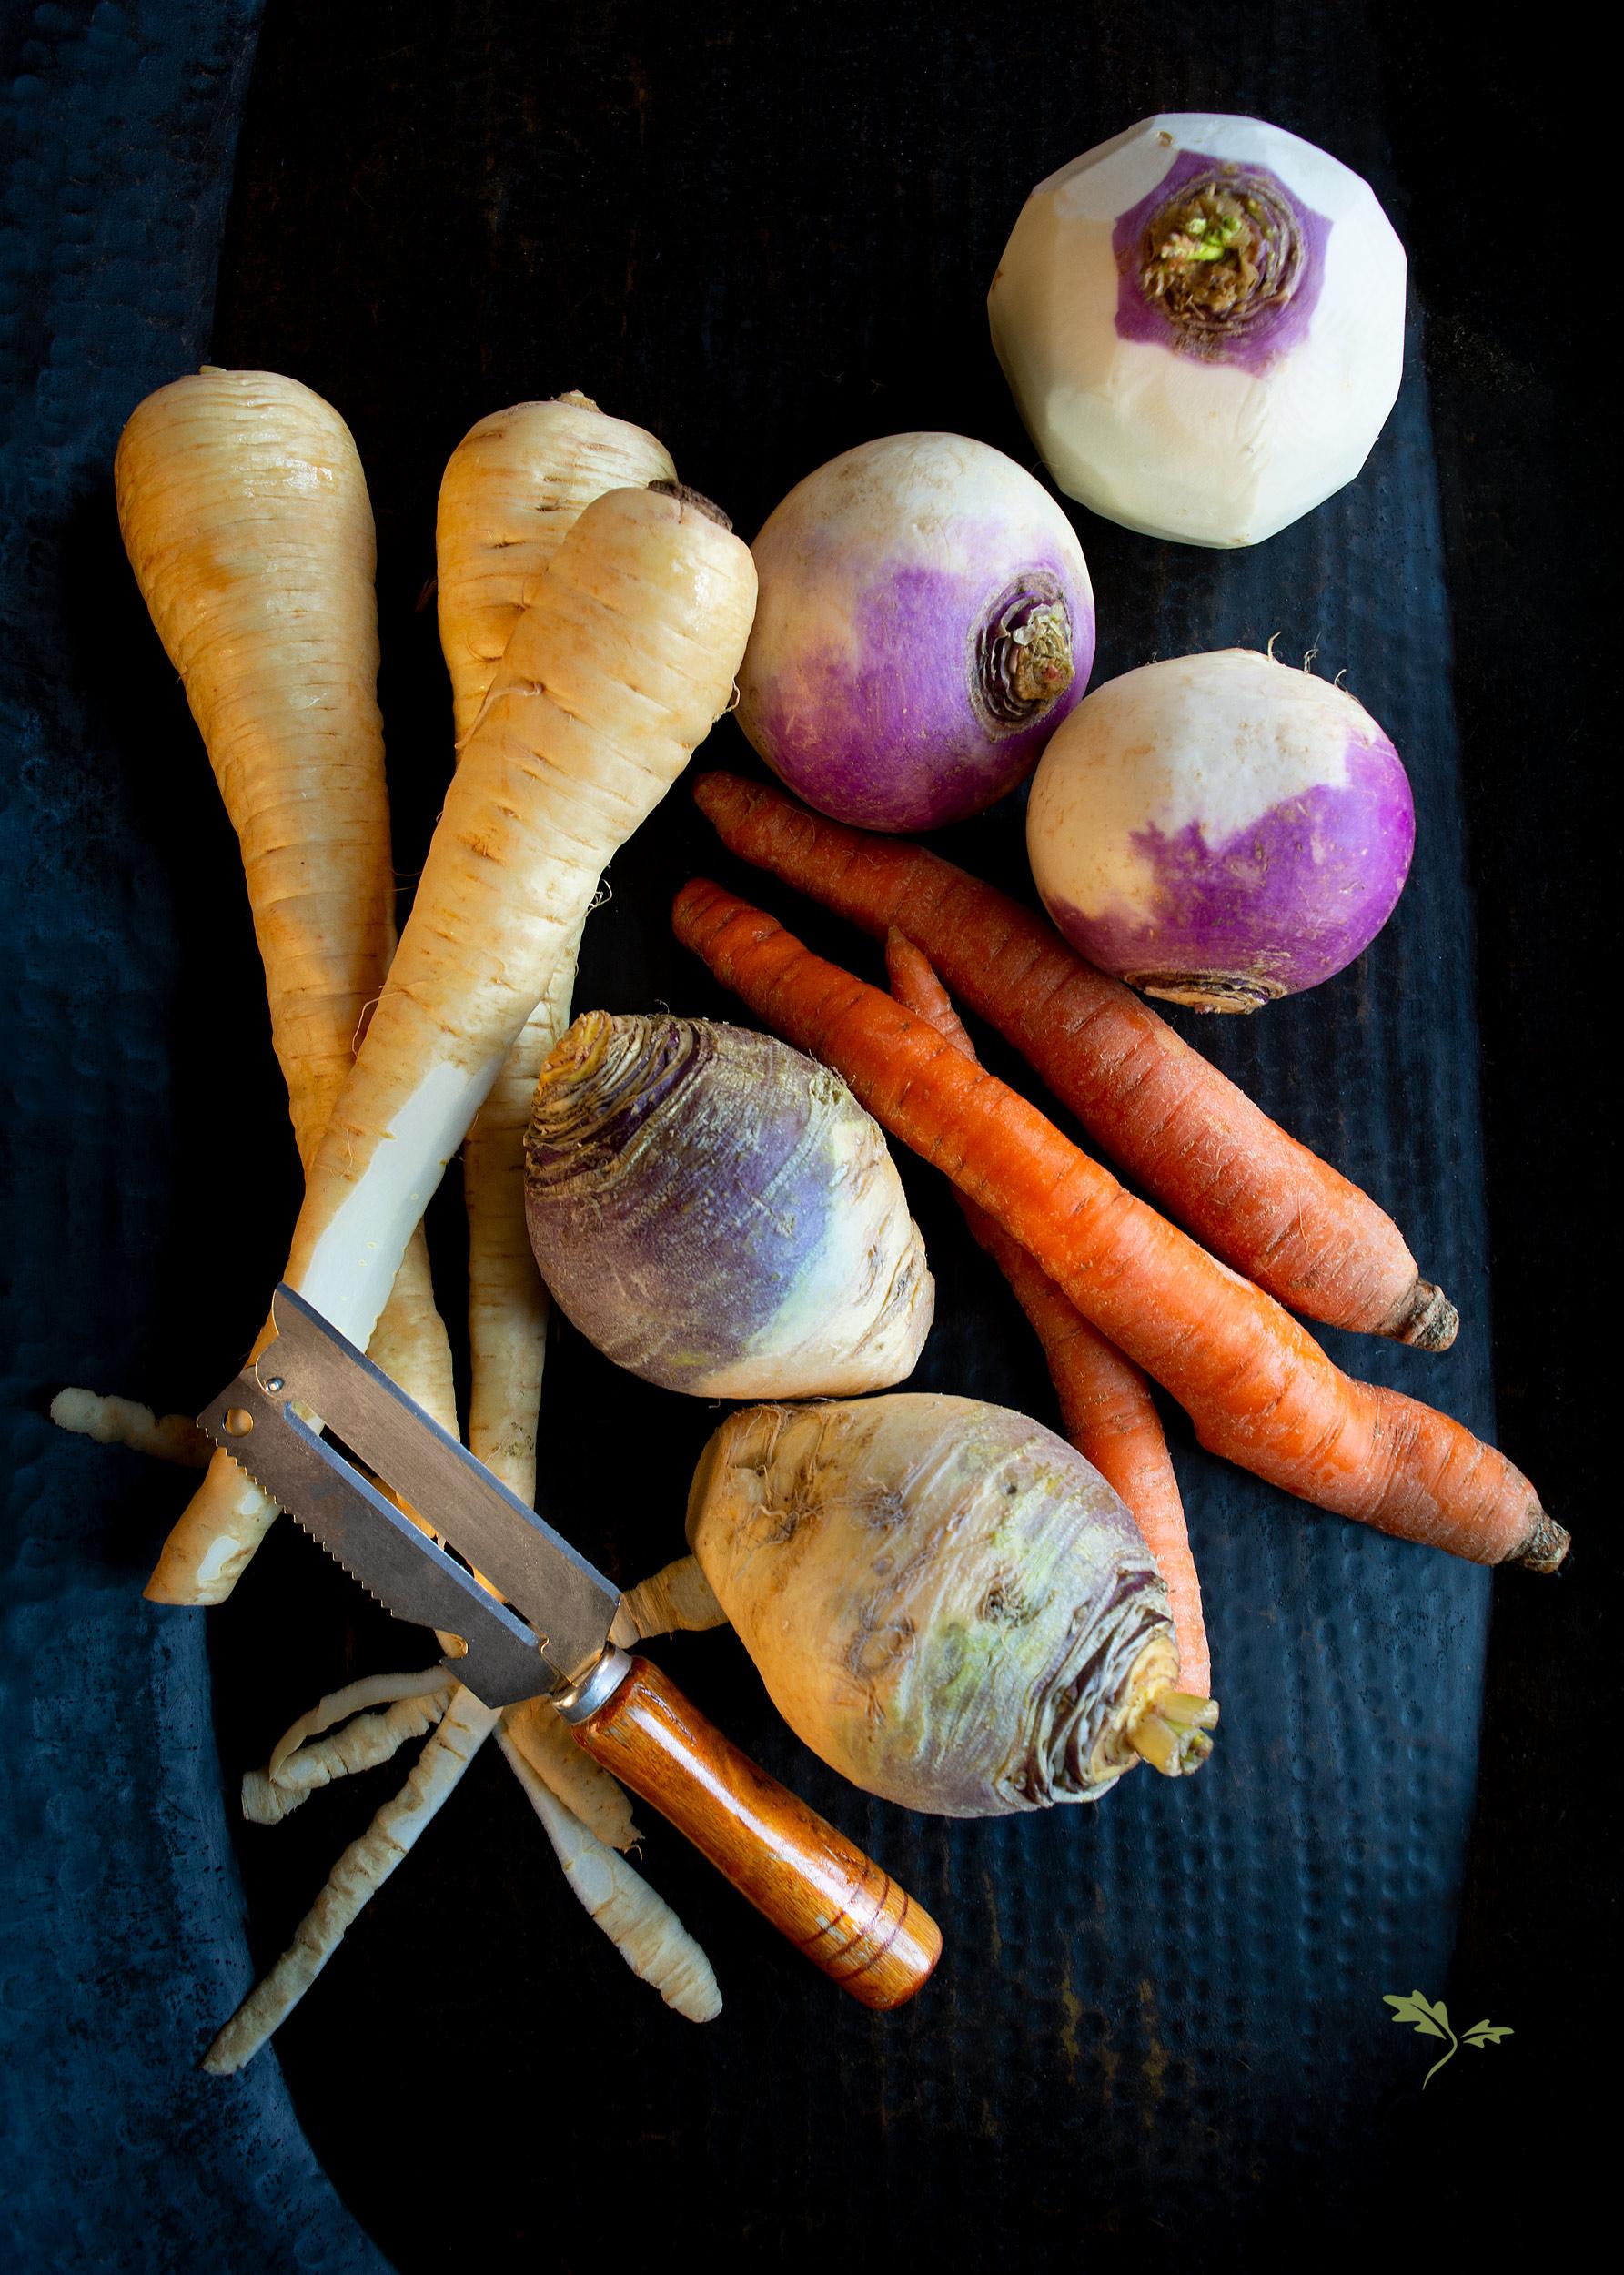 Peeling root vegetables for roasting.